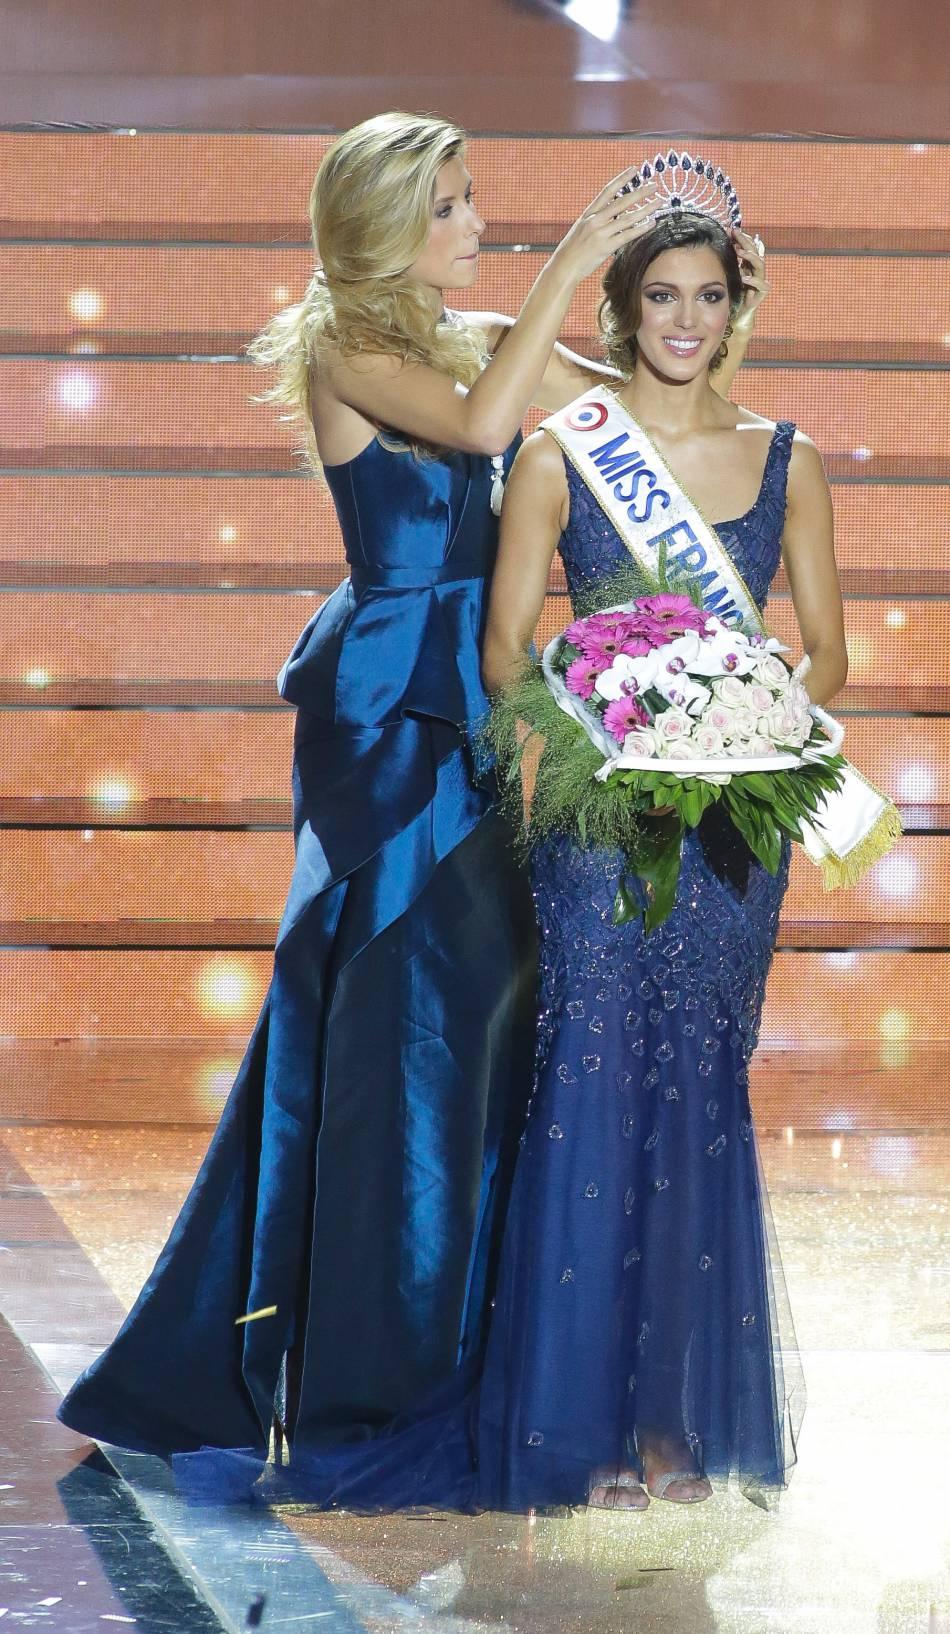 Le 19 décembre 2015, Camille Cerf a remis sa couronne à Iris Mittenaere, Miss France 2016.